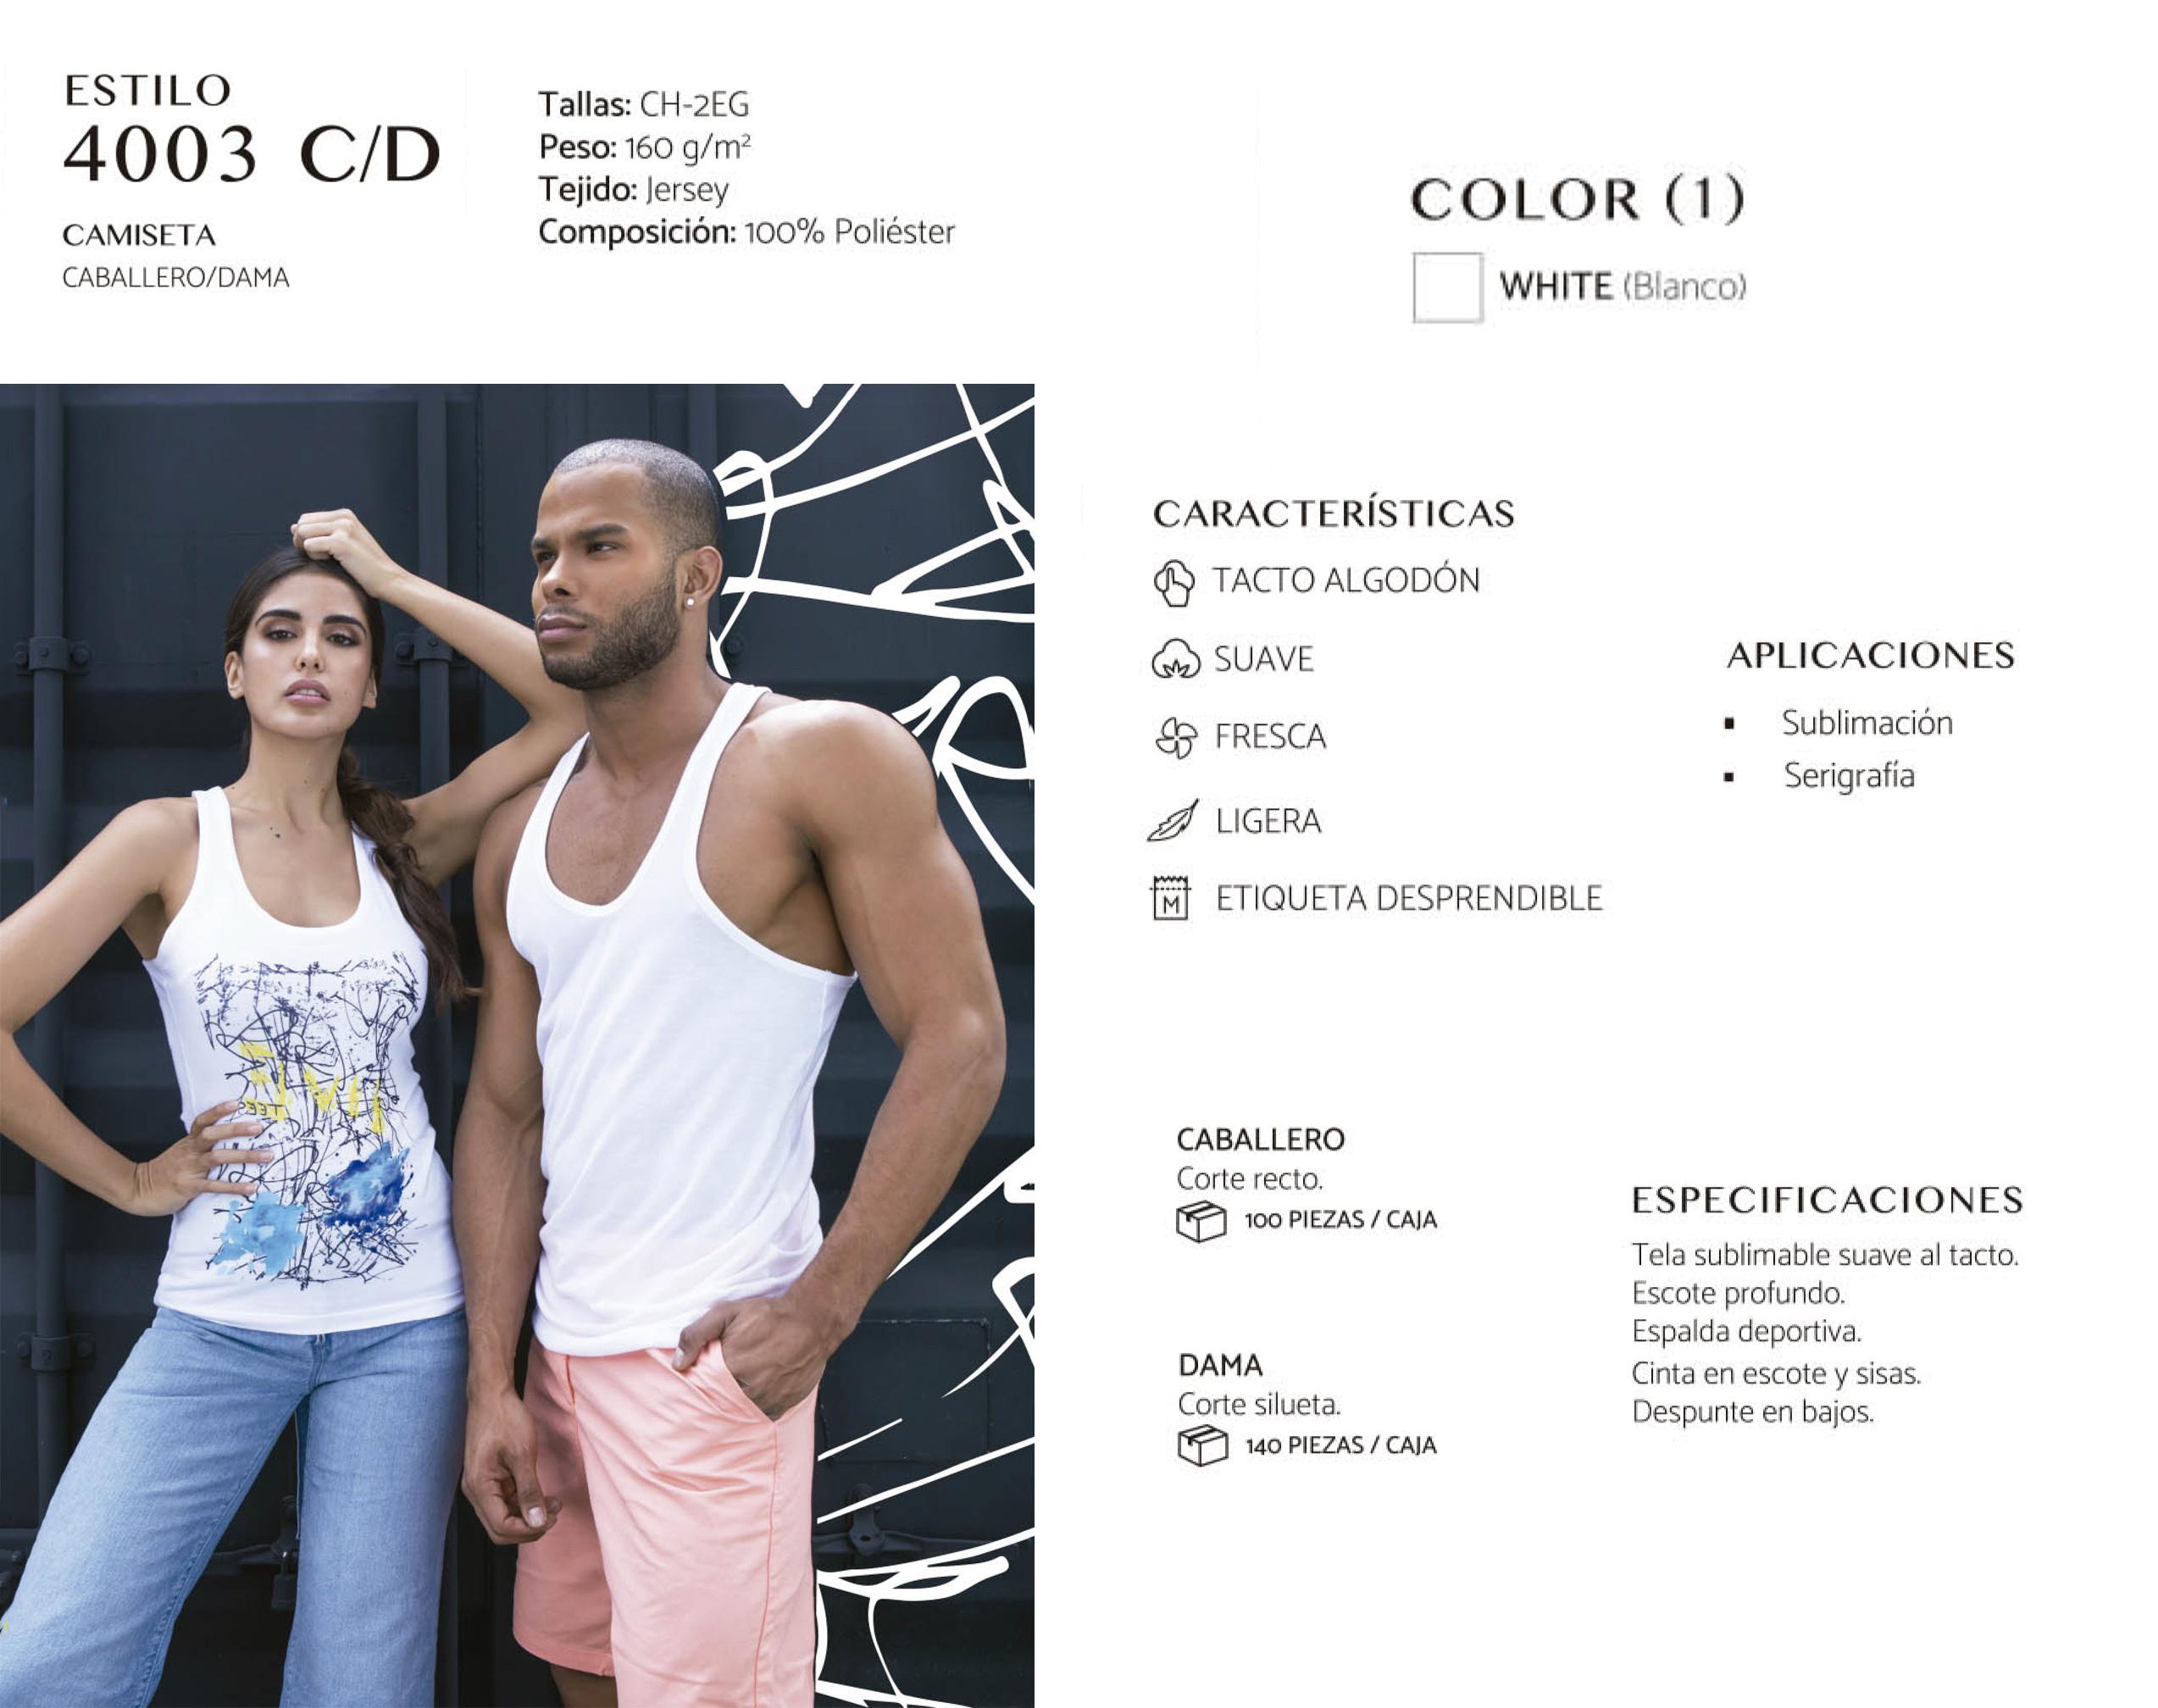 Camiseta Resaque  4003 C/D